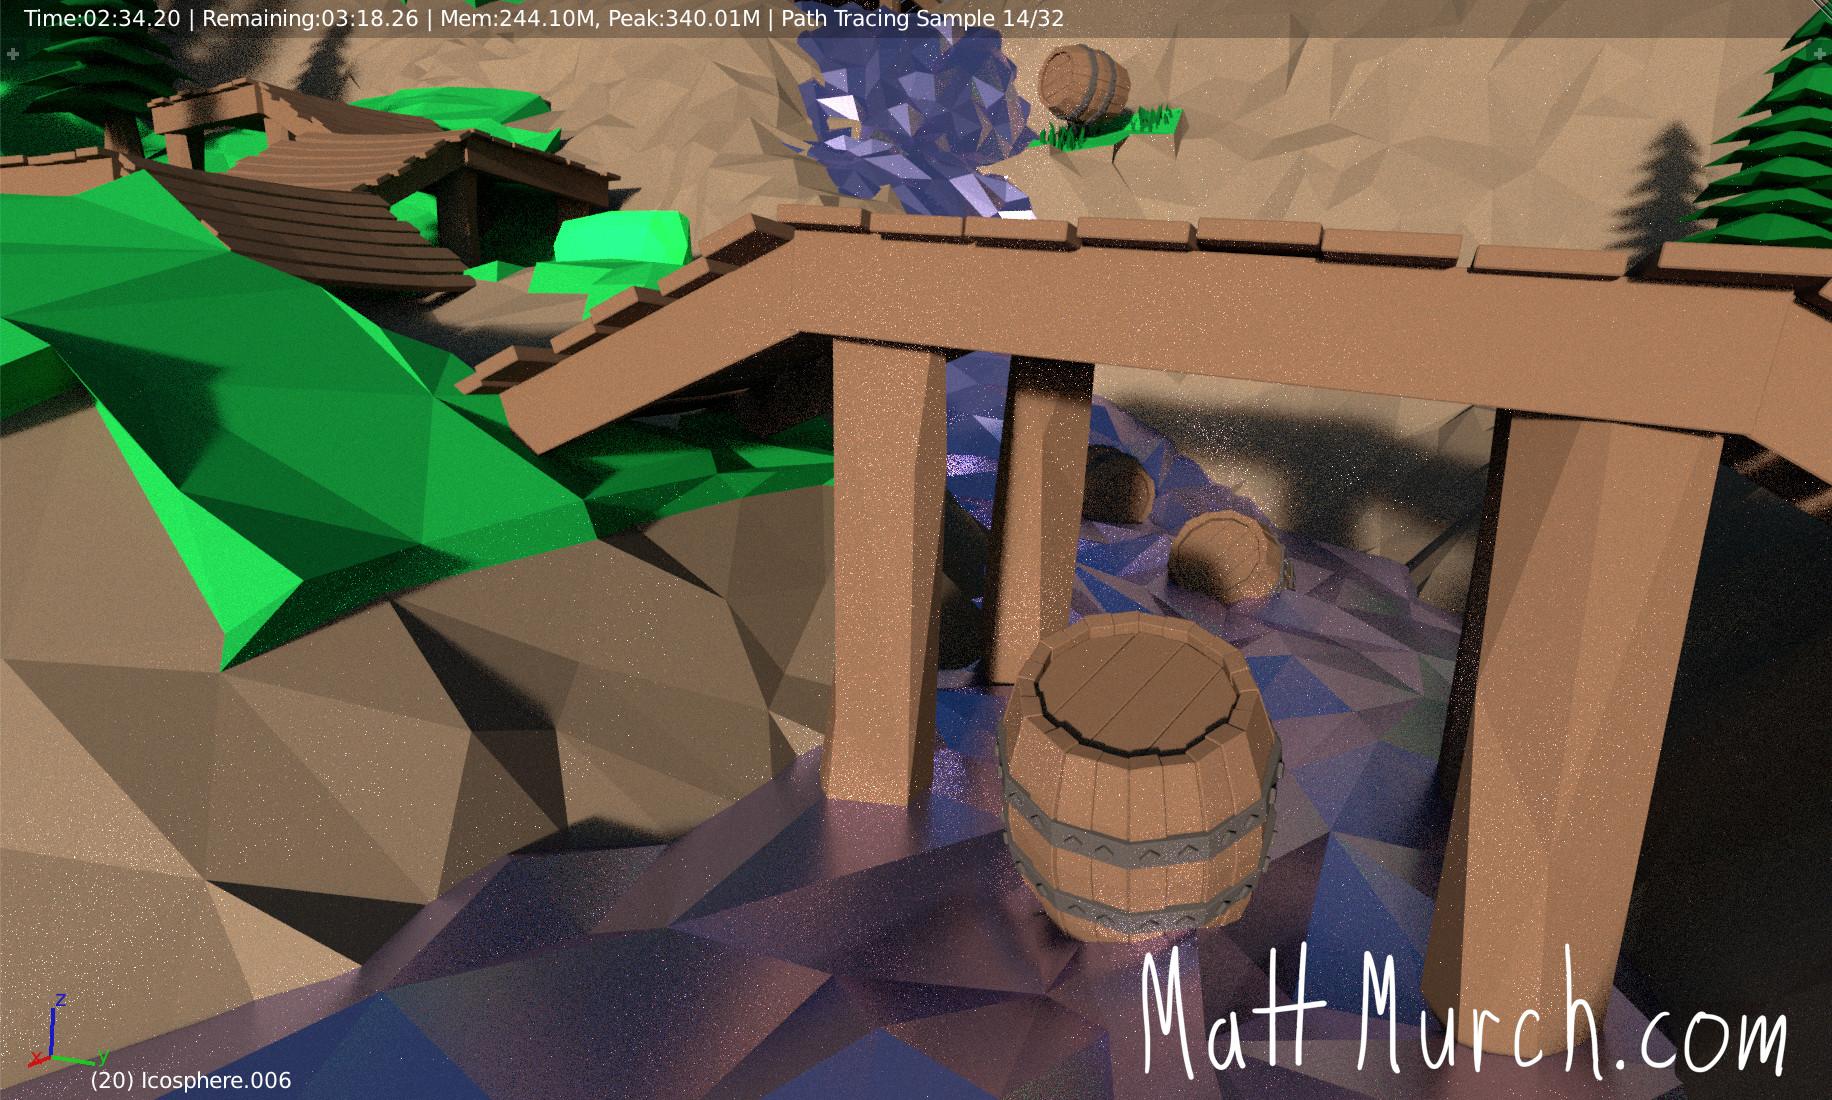 Matt murch bridge2